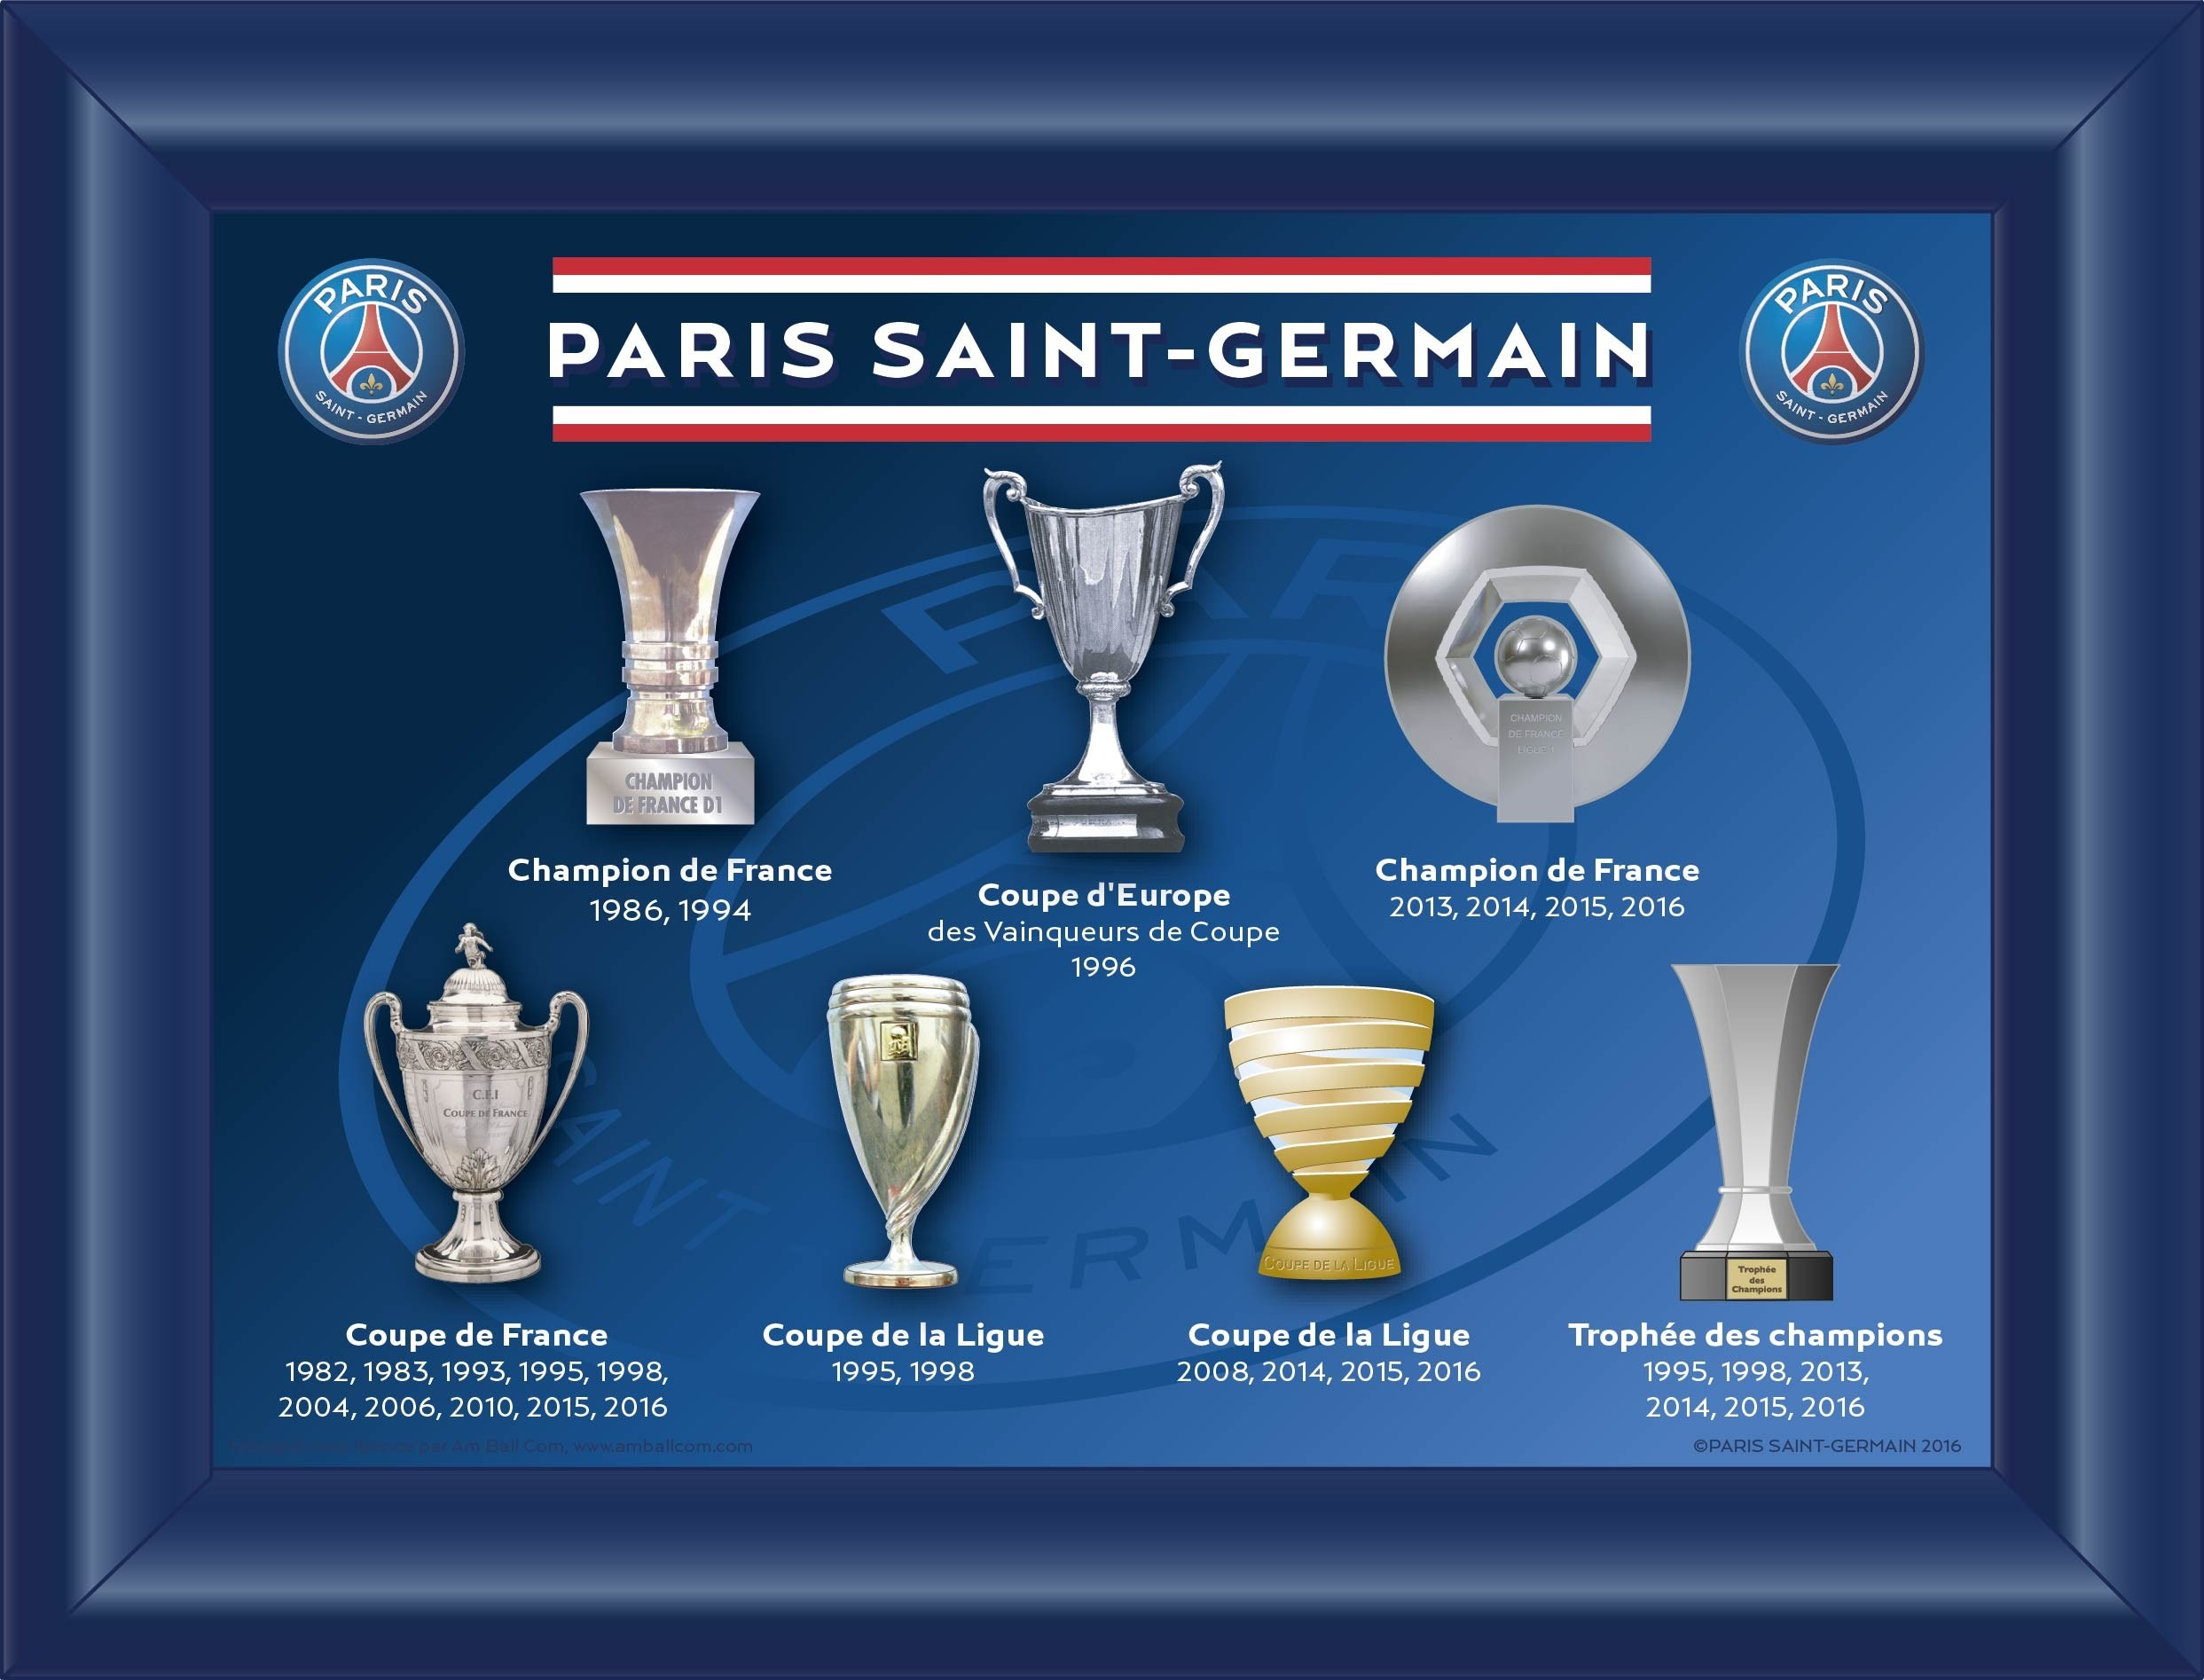 Palmares Psg Resultats Et Classements Du Paris Saint Germain